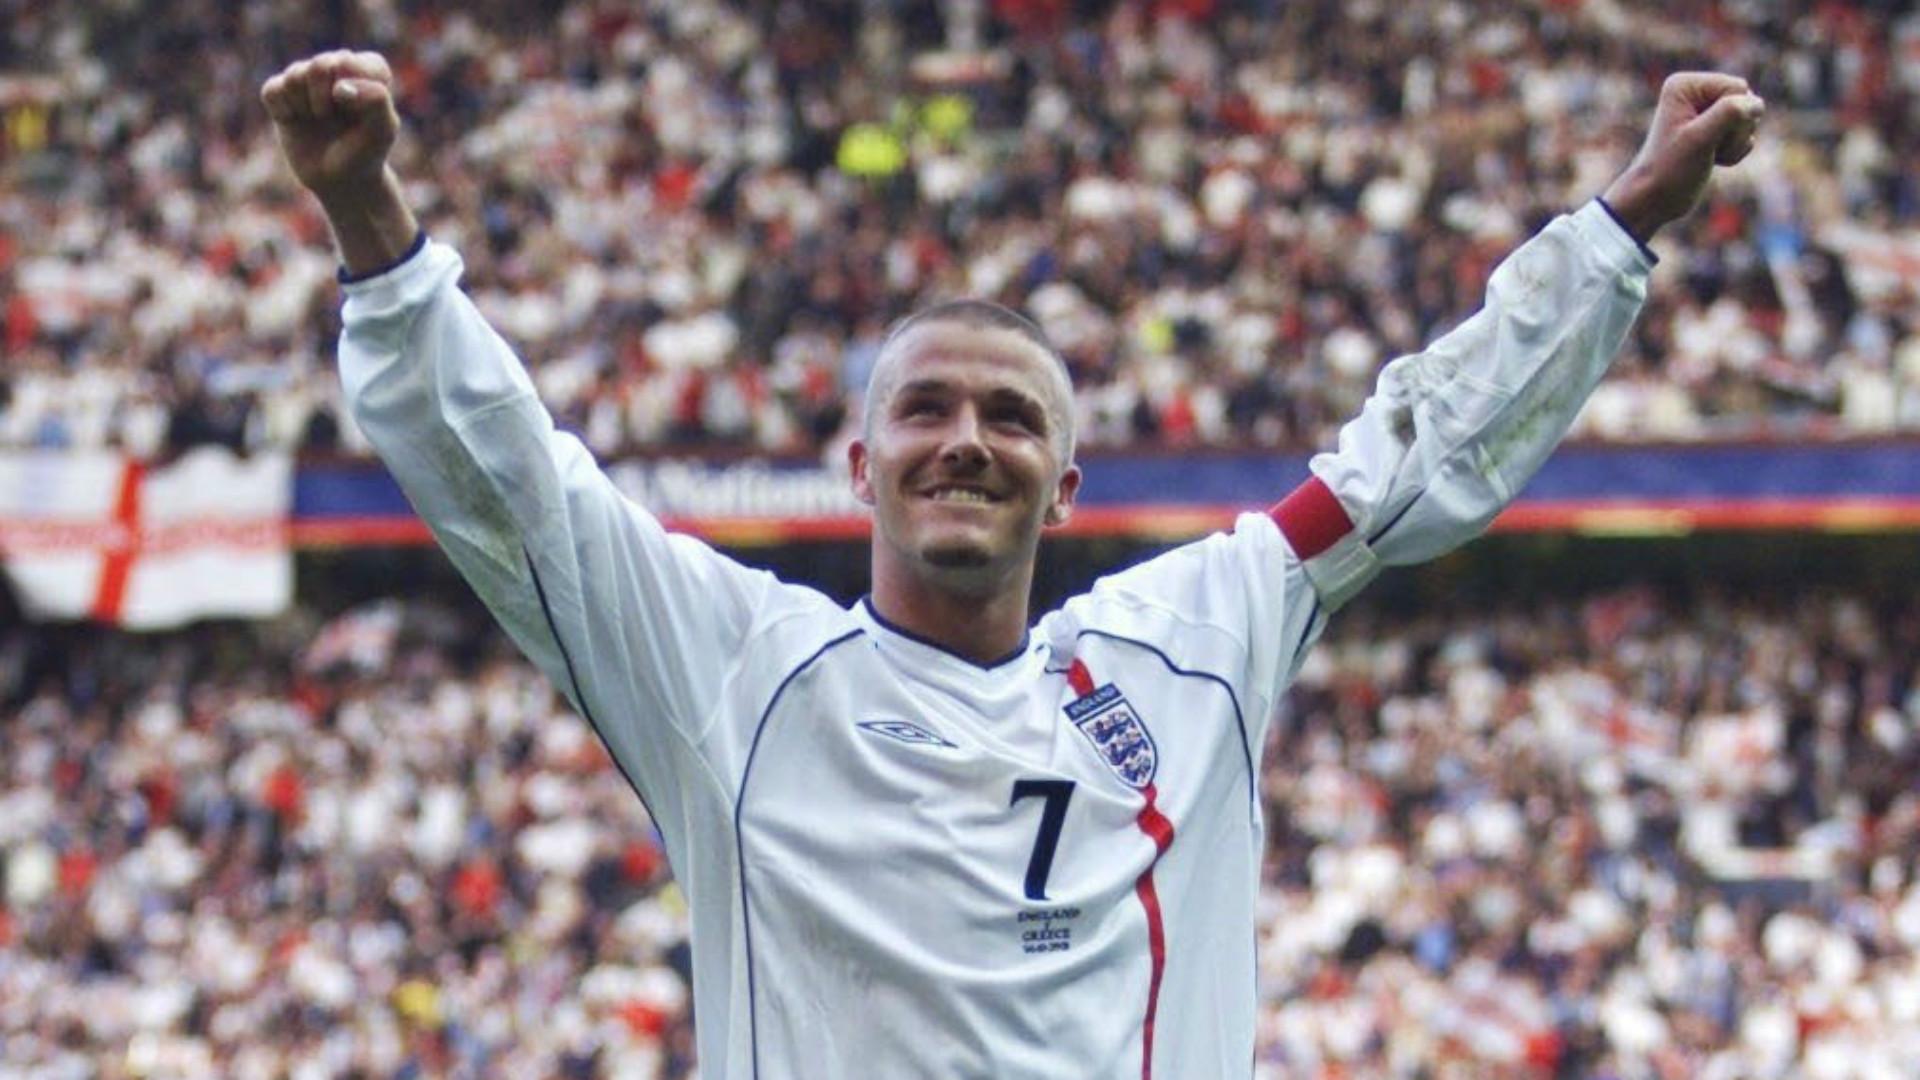 2000'li Yılların En Efsane 8 Futbolcu Listesi